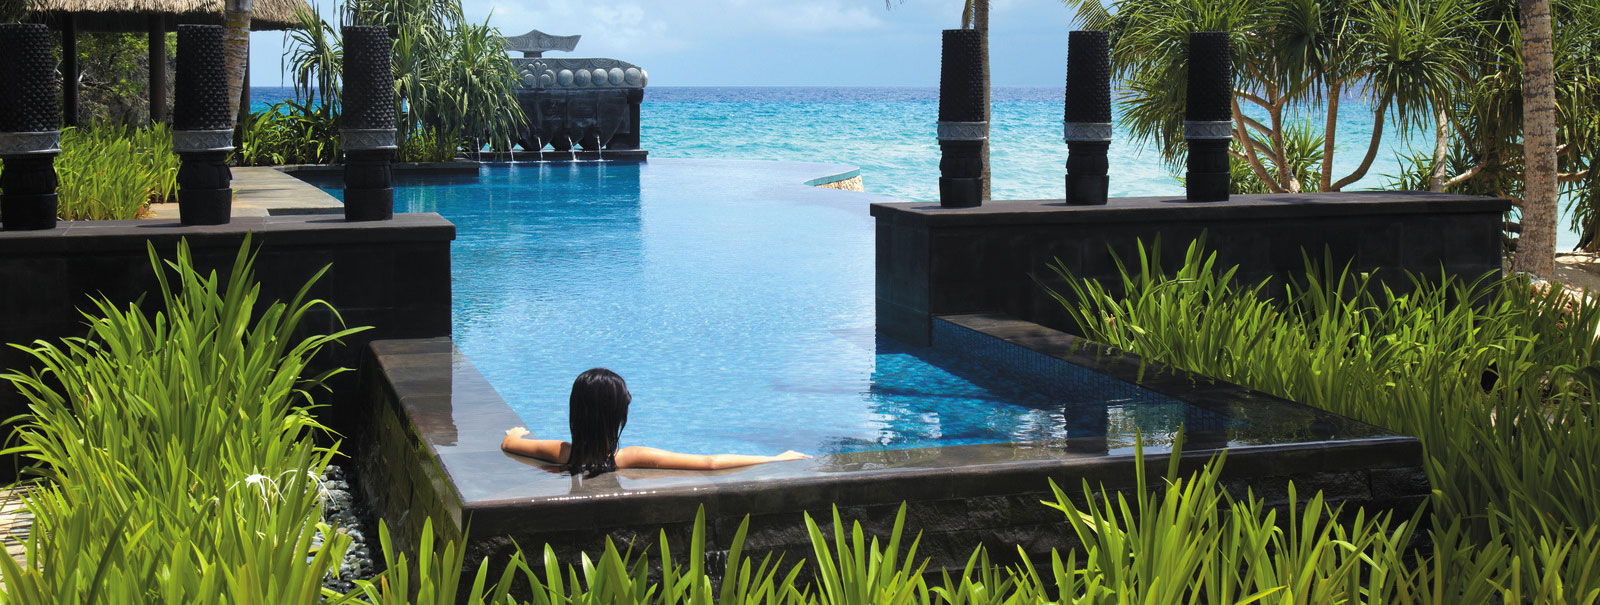 长滩岛香格里拉度假村<br/>Shangri-La&#8217;s Boracay Resort and Spa